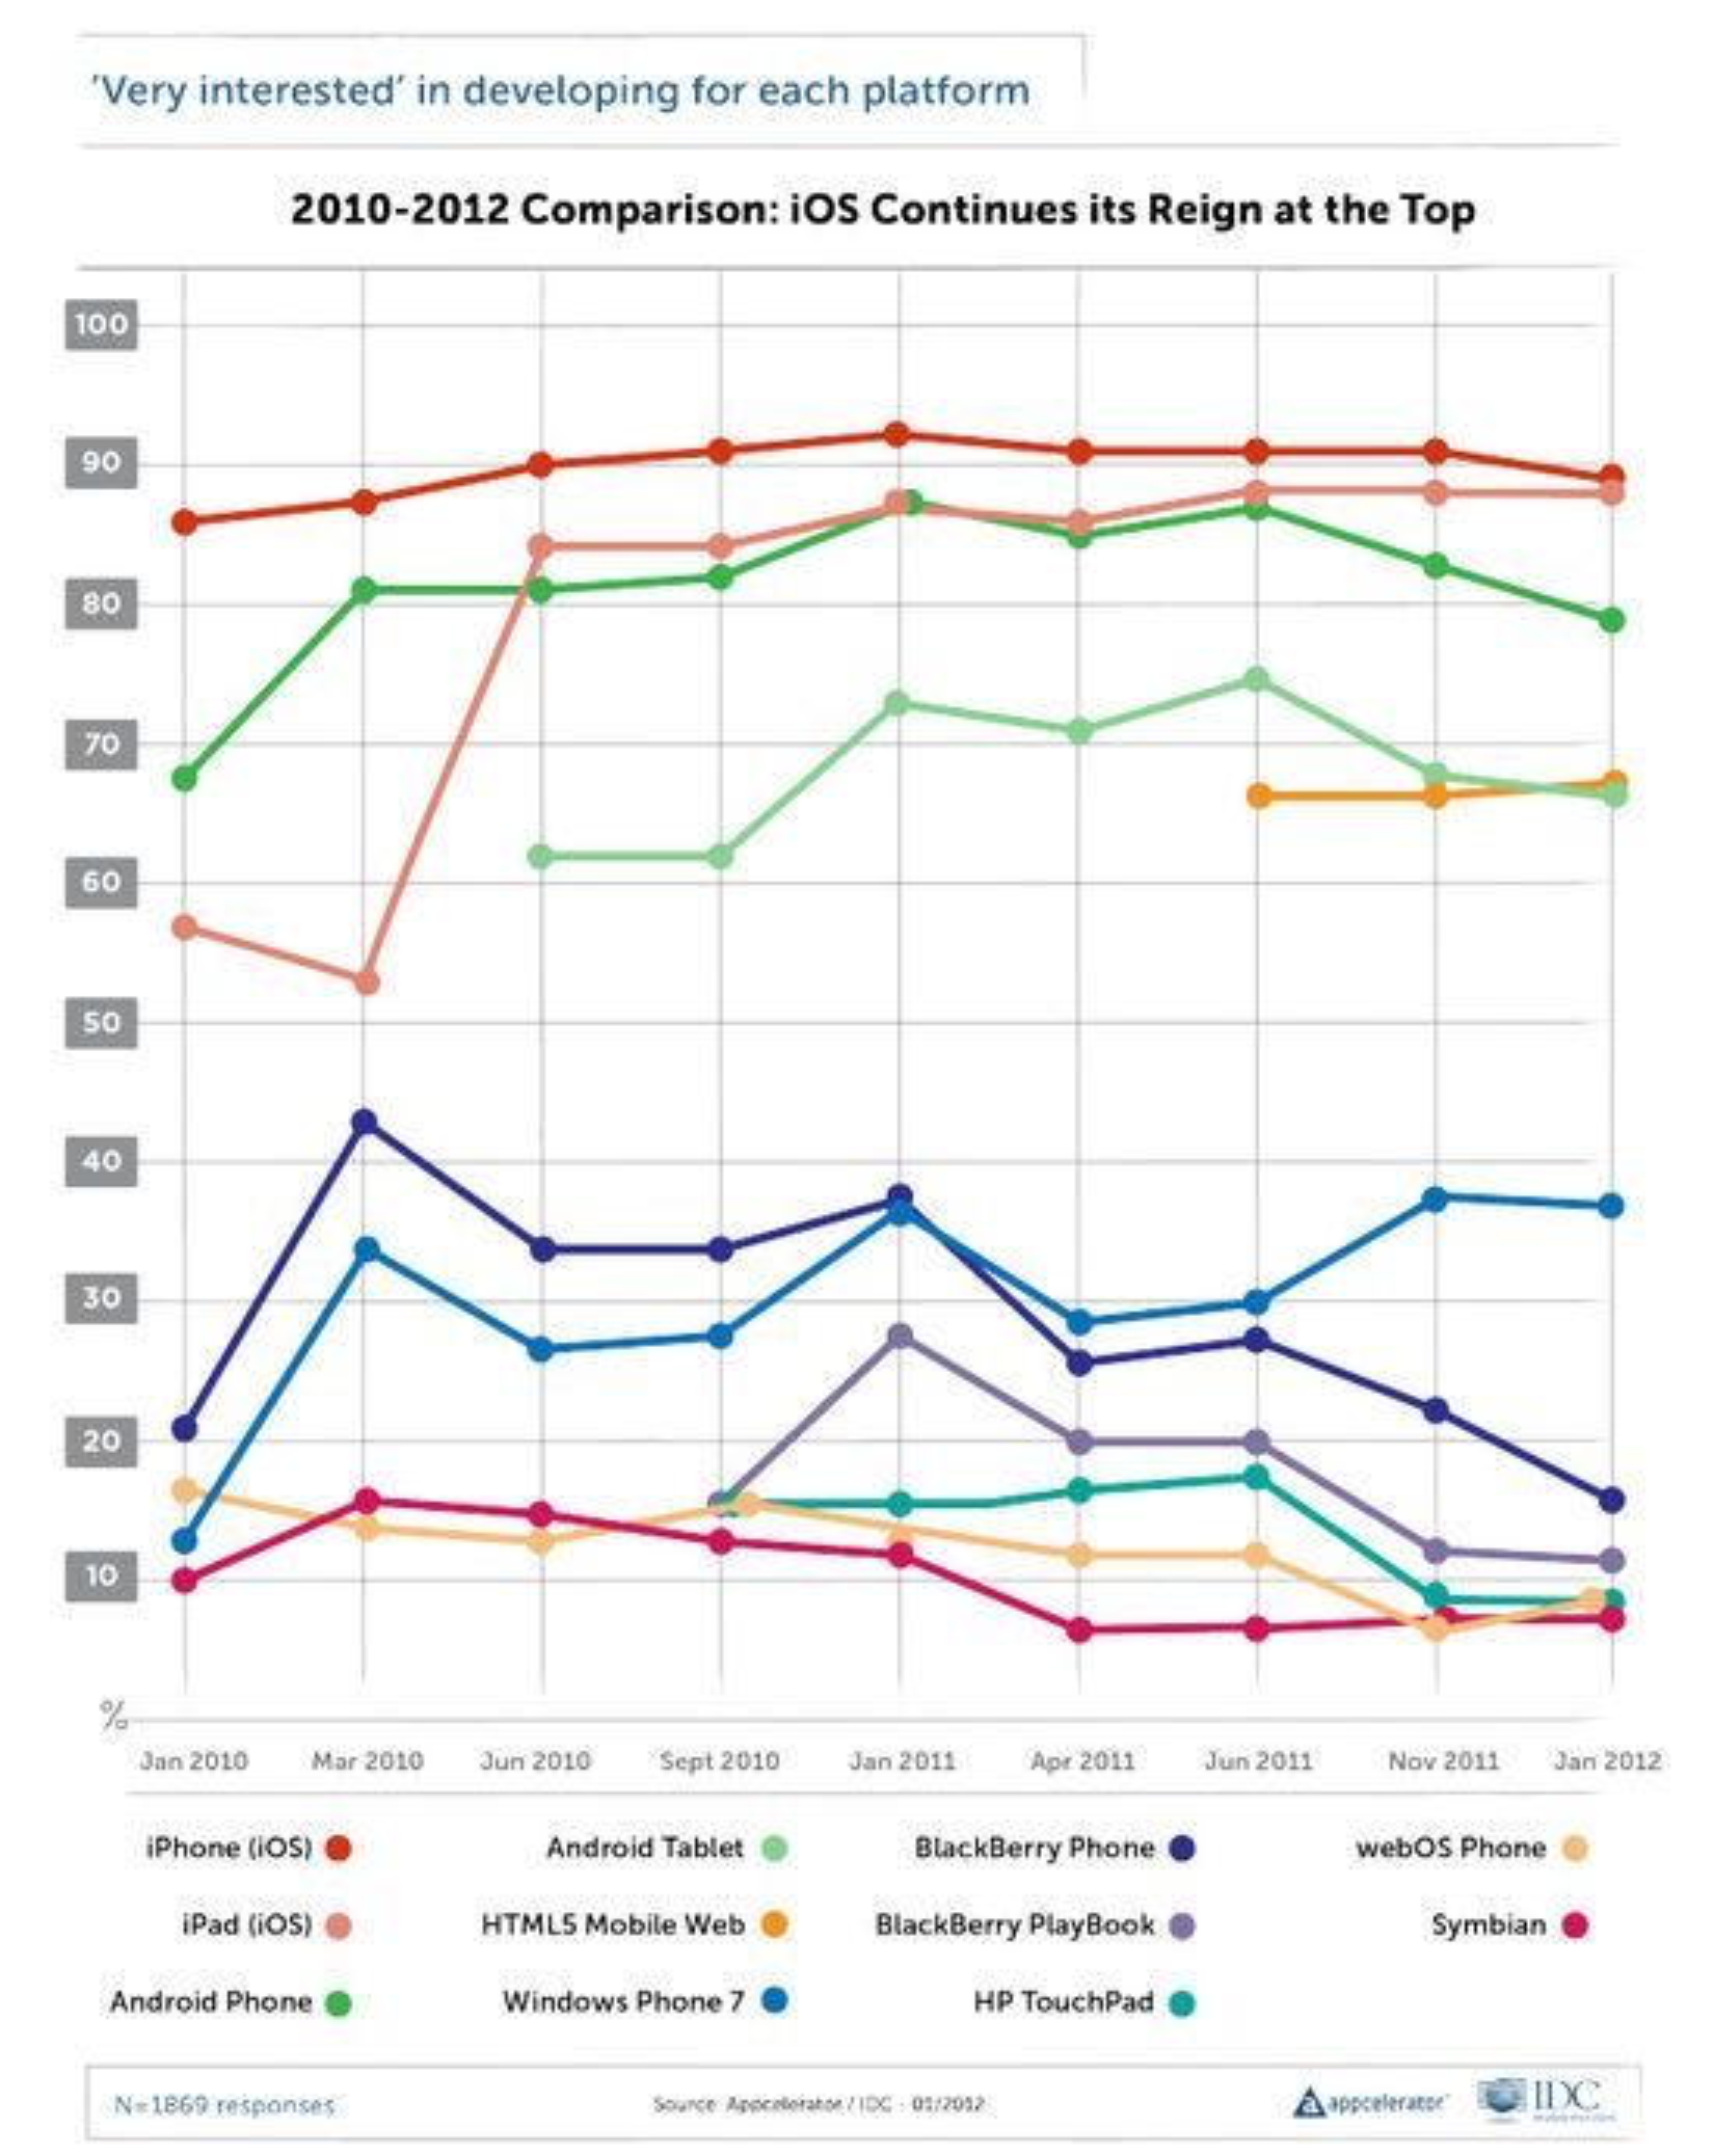 Diagrammet viser hvor stor andel av de intervjuede utviklerne som oppgir at de er veldig interessert i å lage applikasjoner til  de nevnte plattformene.